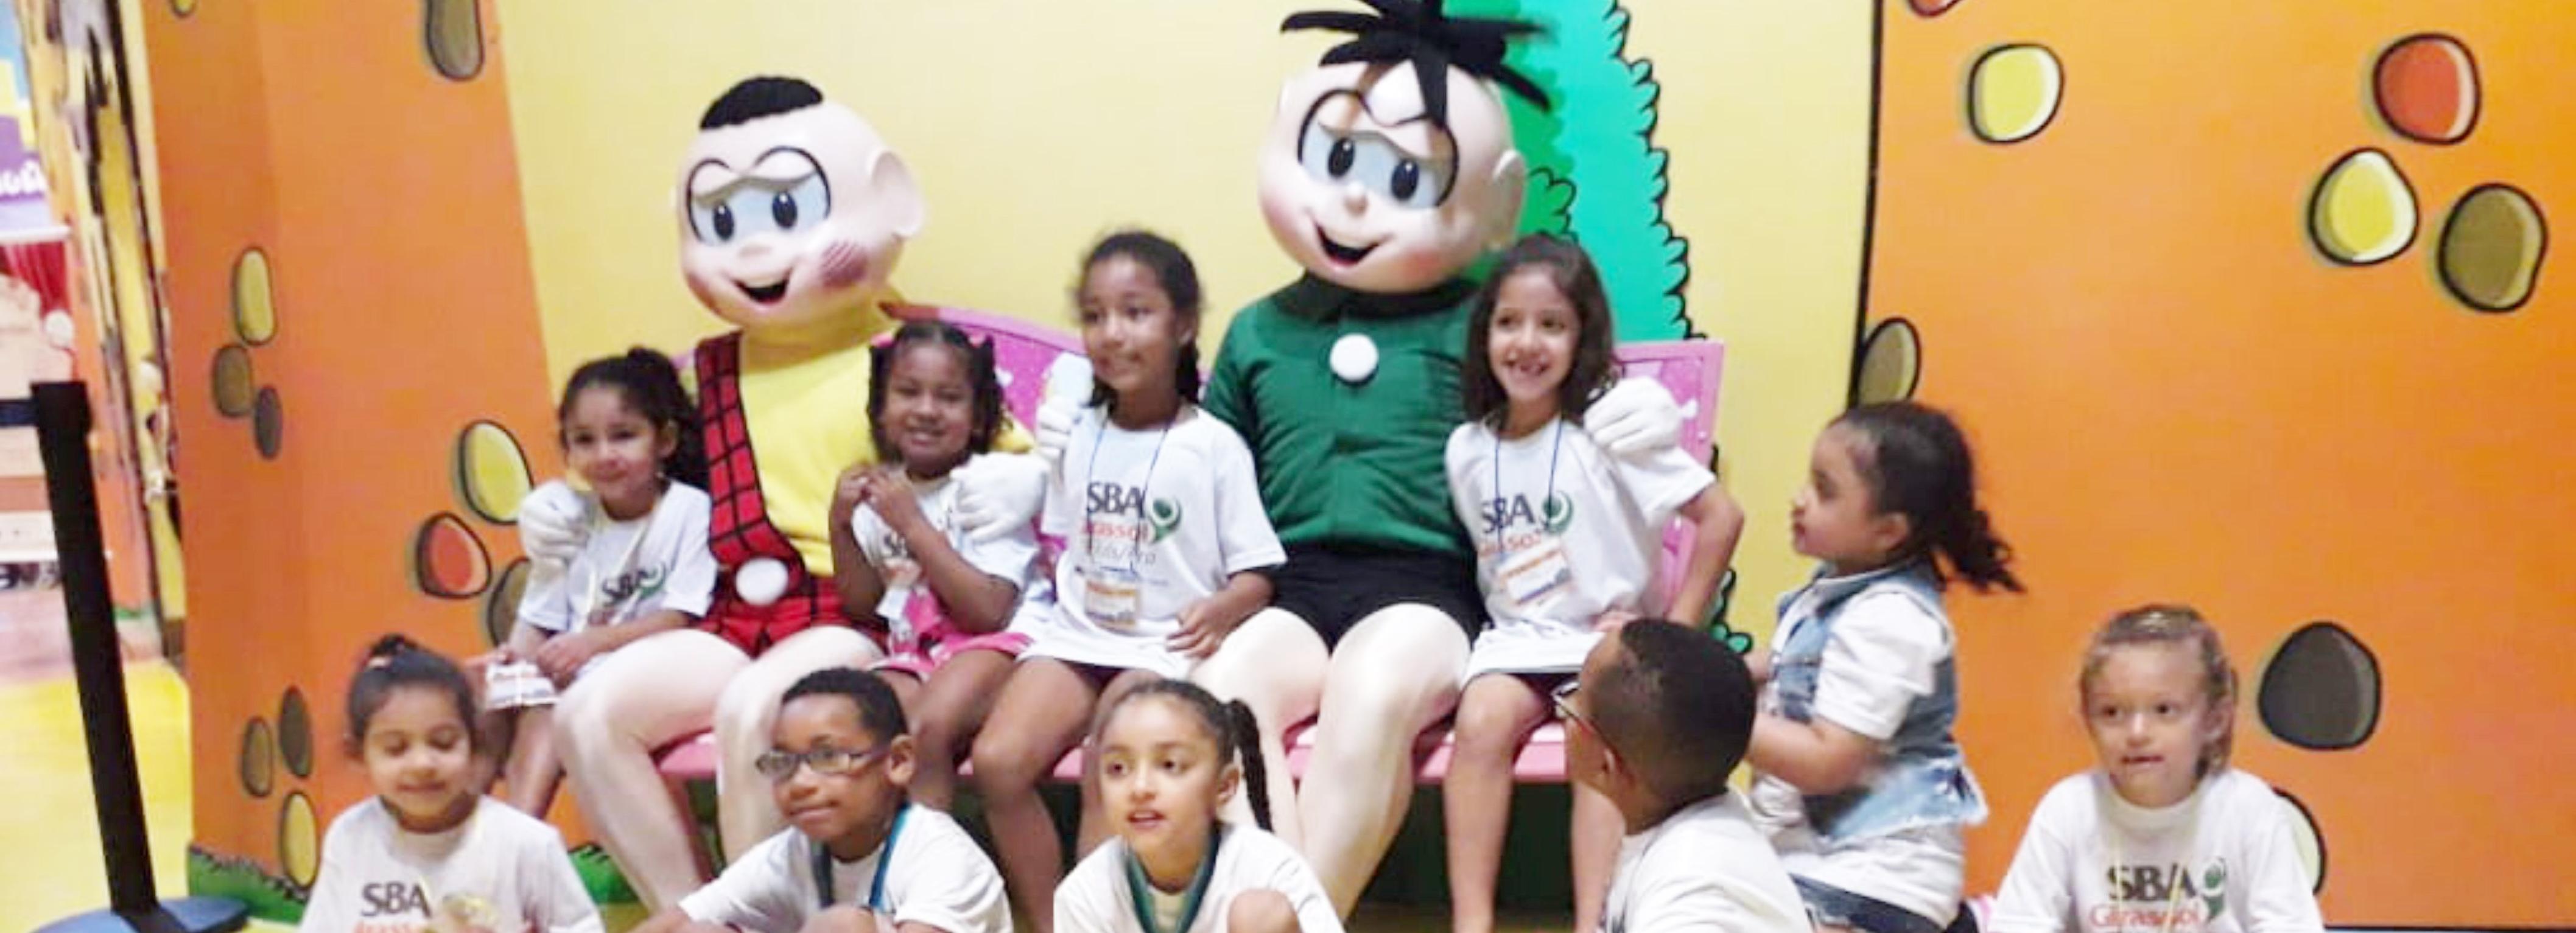 Passeio ao Parque da Mônica – SBA Girassol Kids